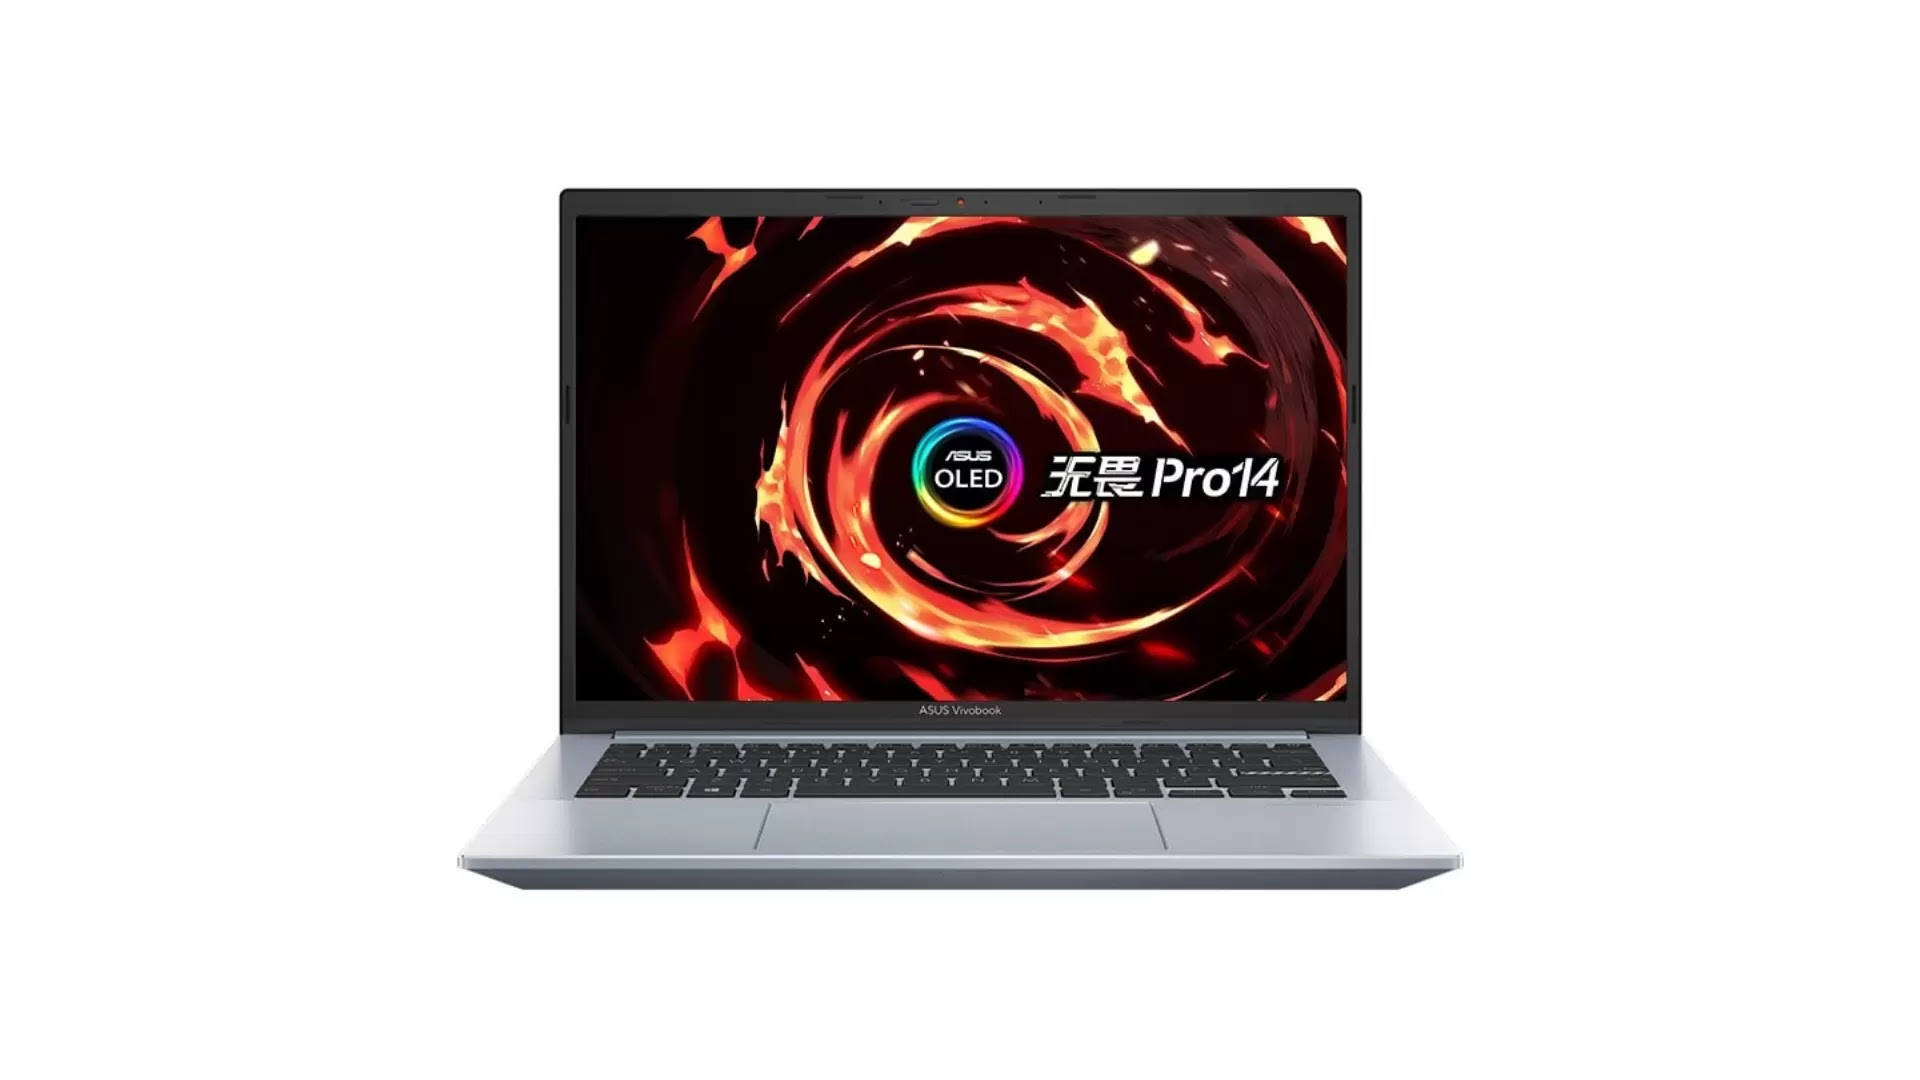 চীনে ASUS VivoBook Pro 14 ল্যাপটপটিকে লঞ্চ করে দেওয়া হয়েছে